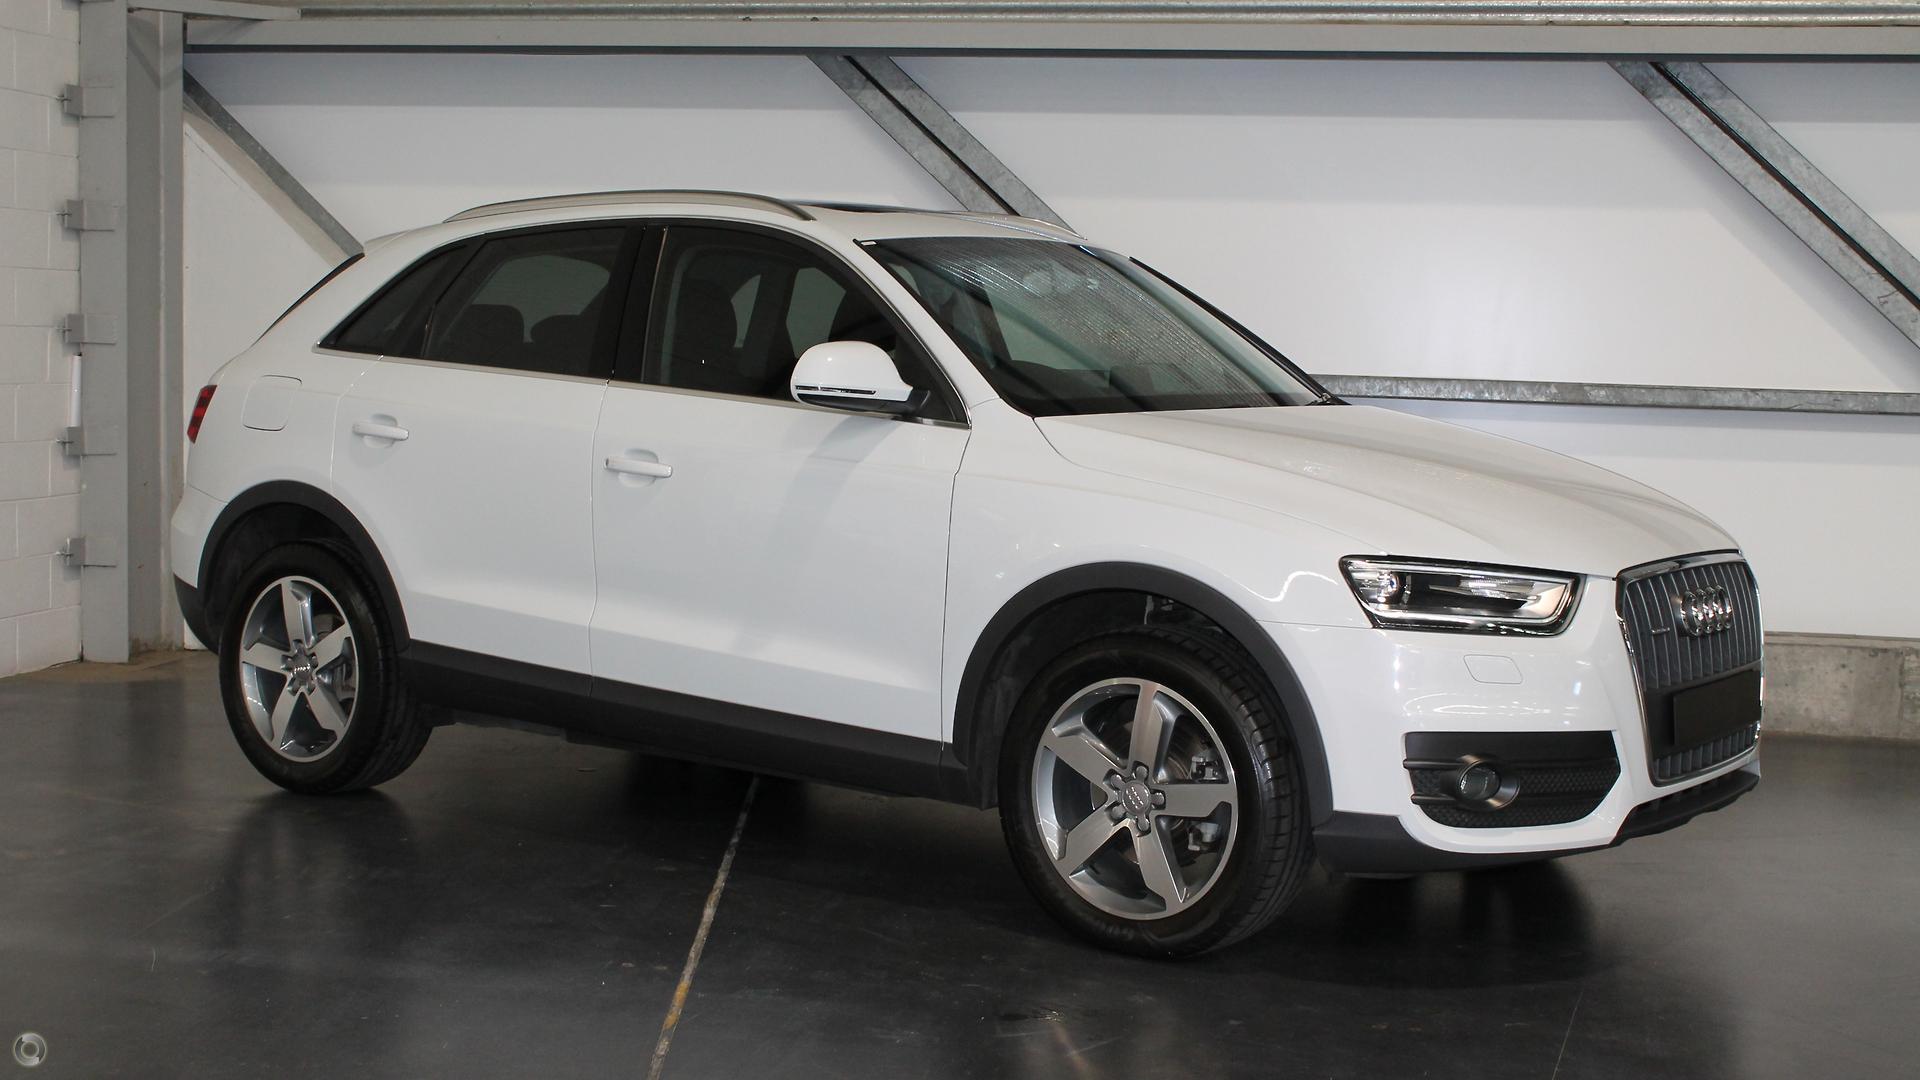 2014 Audi Q3 8U